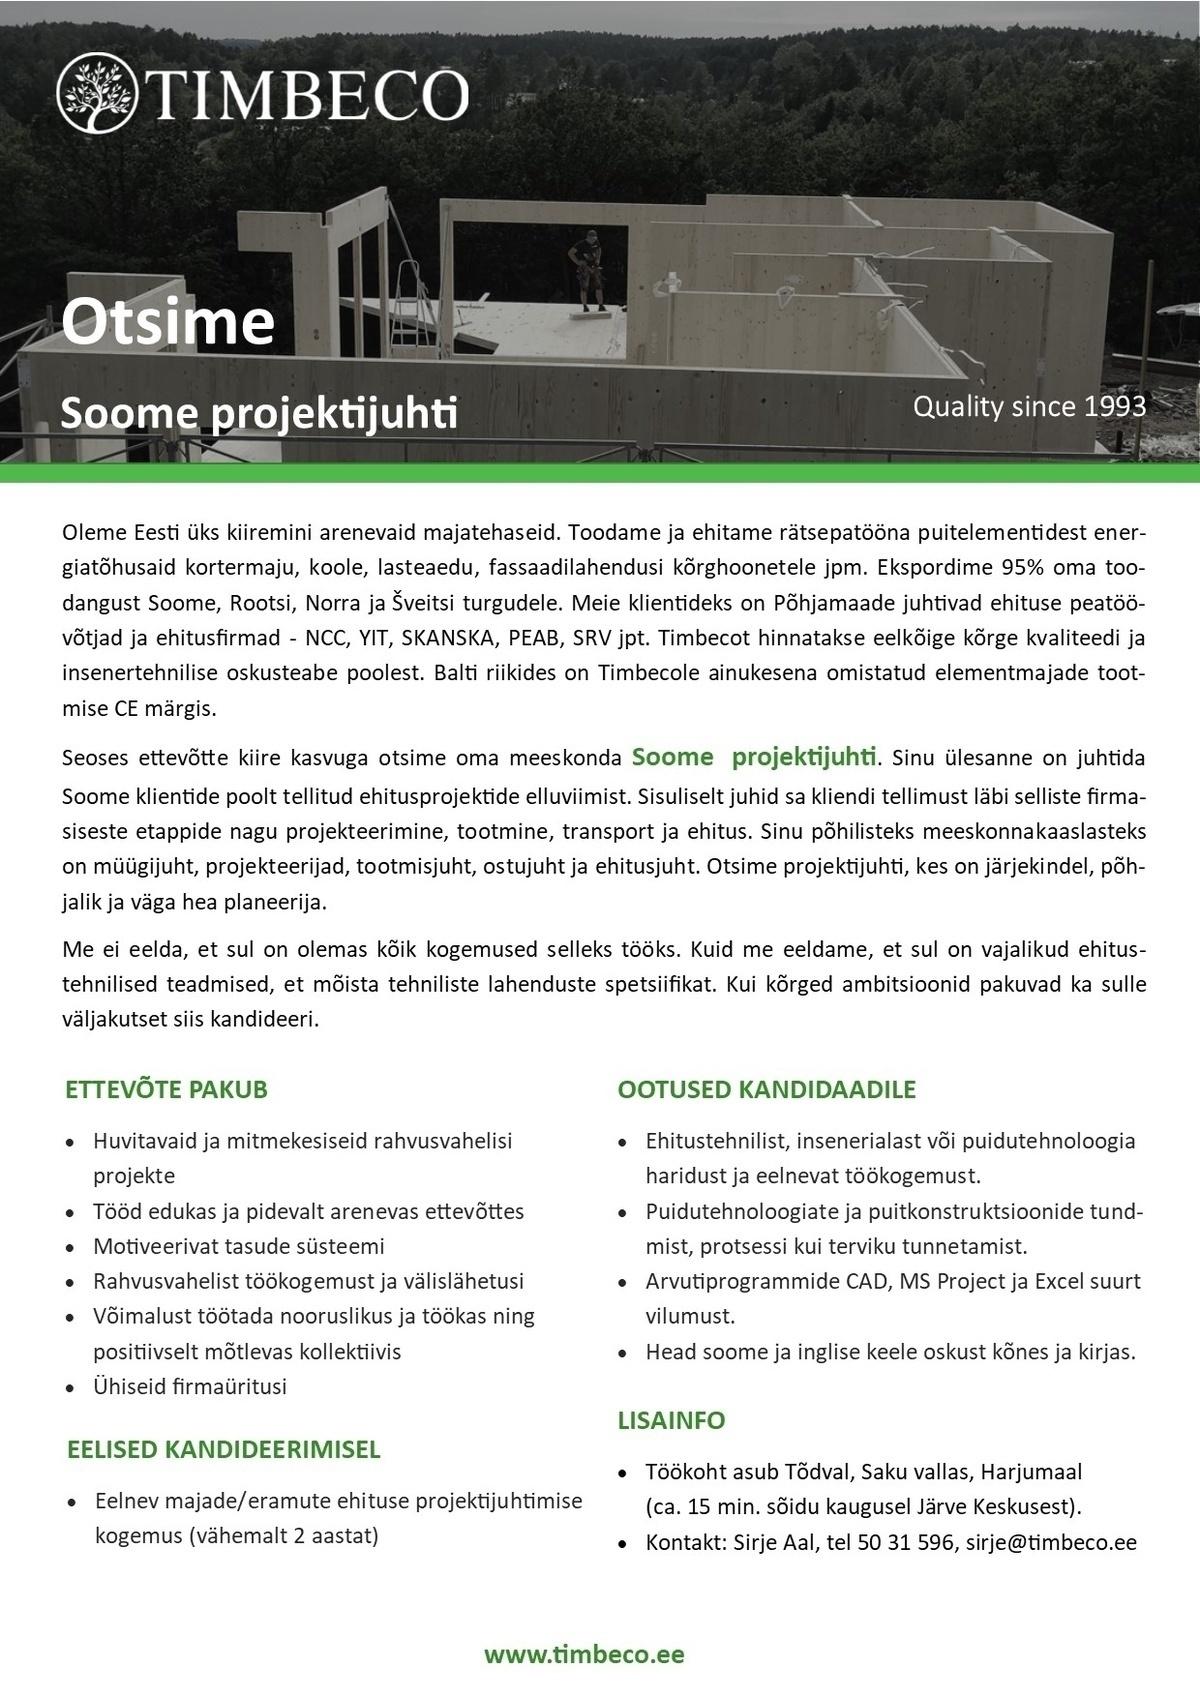 eaee019985f CV Keskus tööpakkumine Soome projektijuht